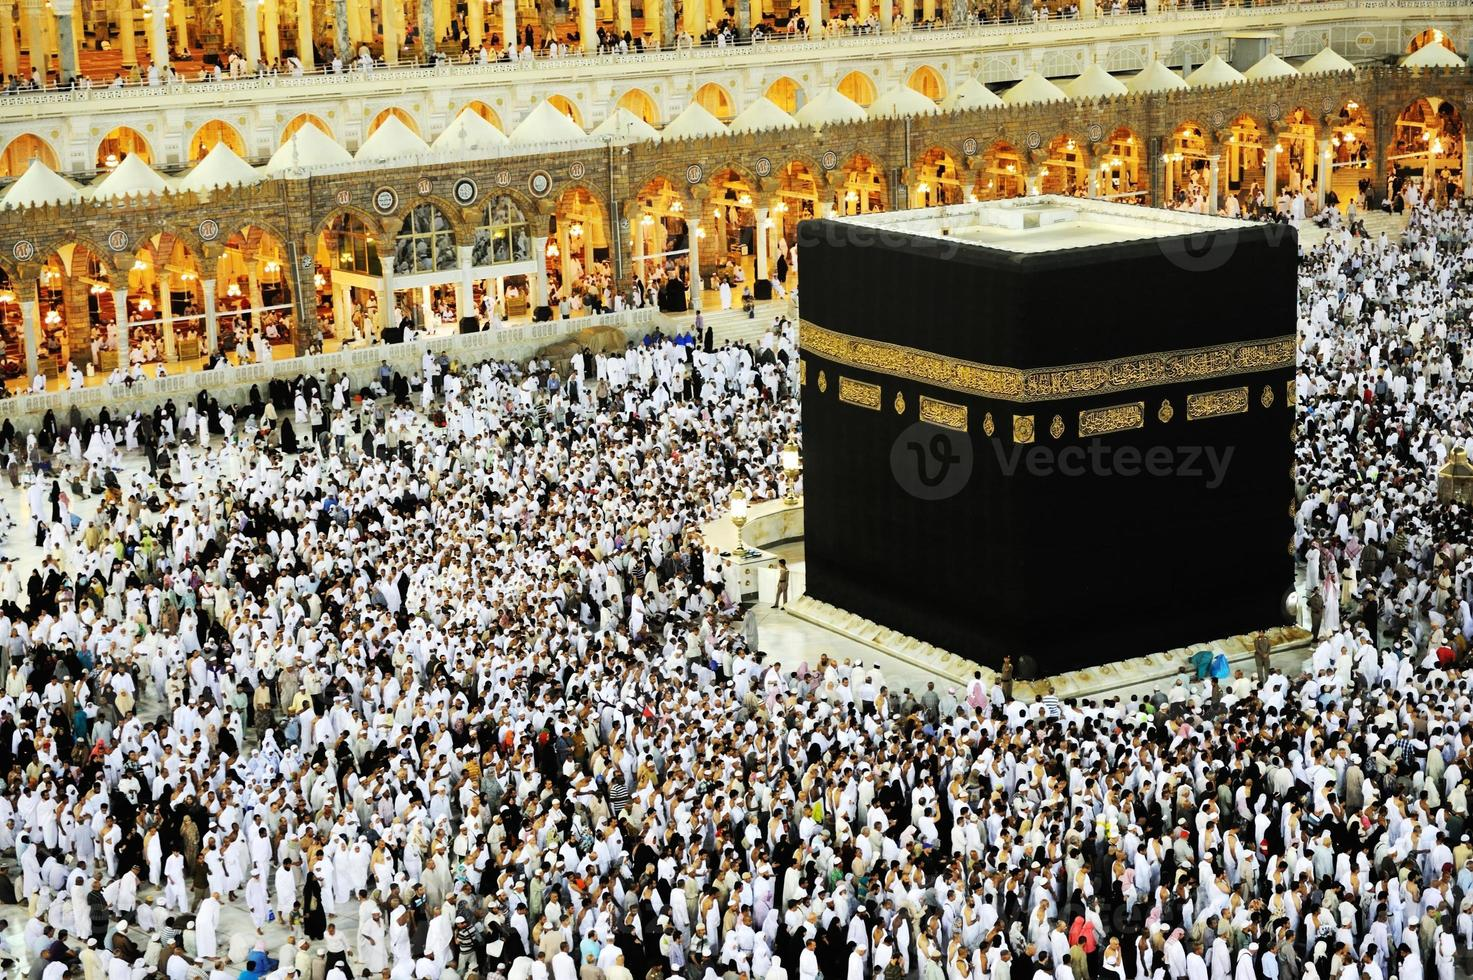 Kaaba alla Mecca, i musulmani pregano insieme nel luogo santo foto